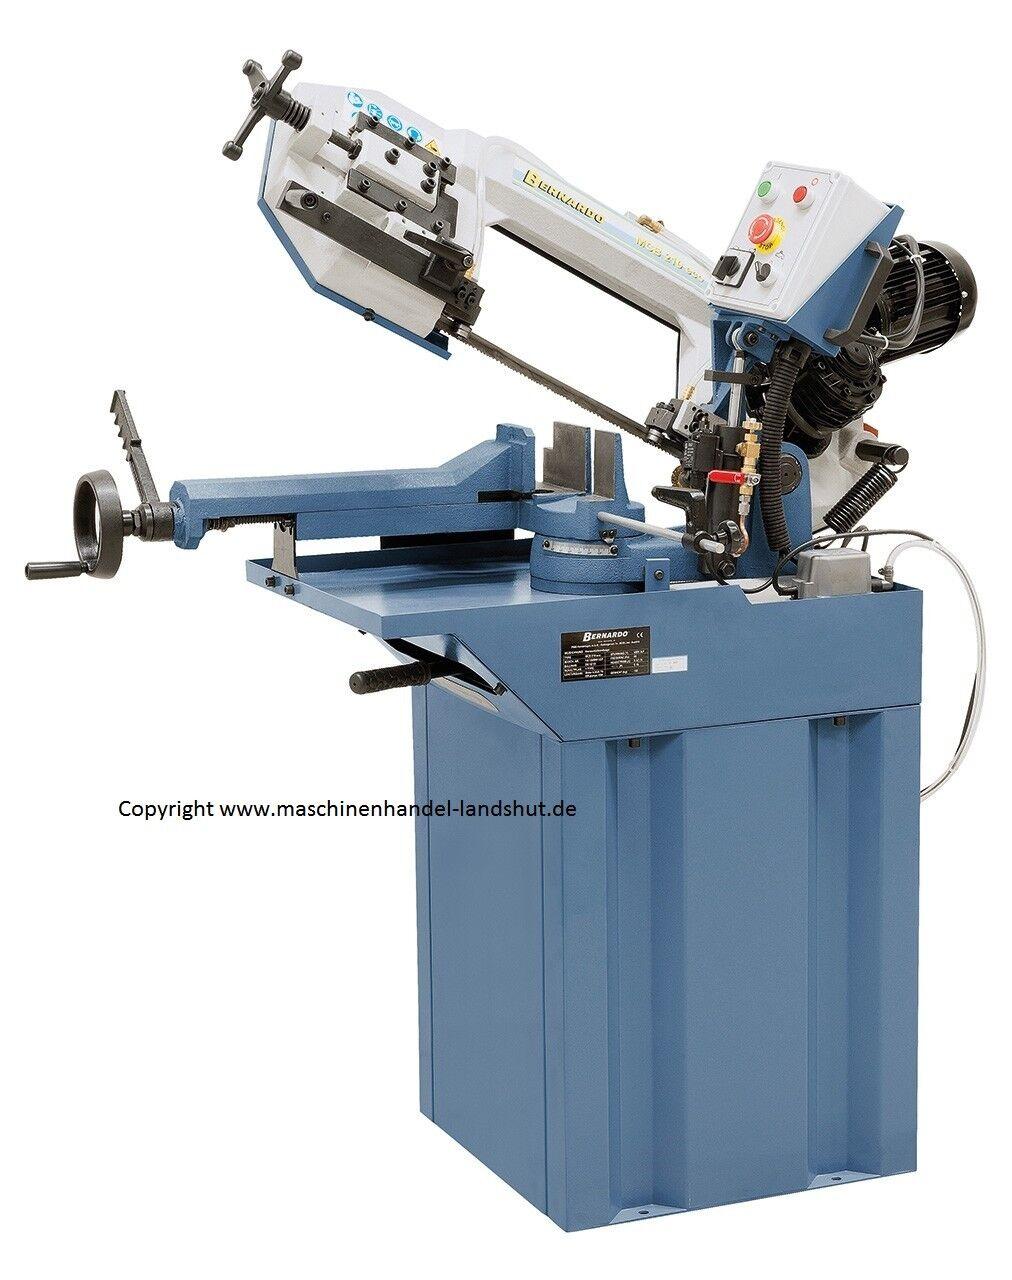 Metallbandsäge Bernardo MCB 210 ceo neues Modell